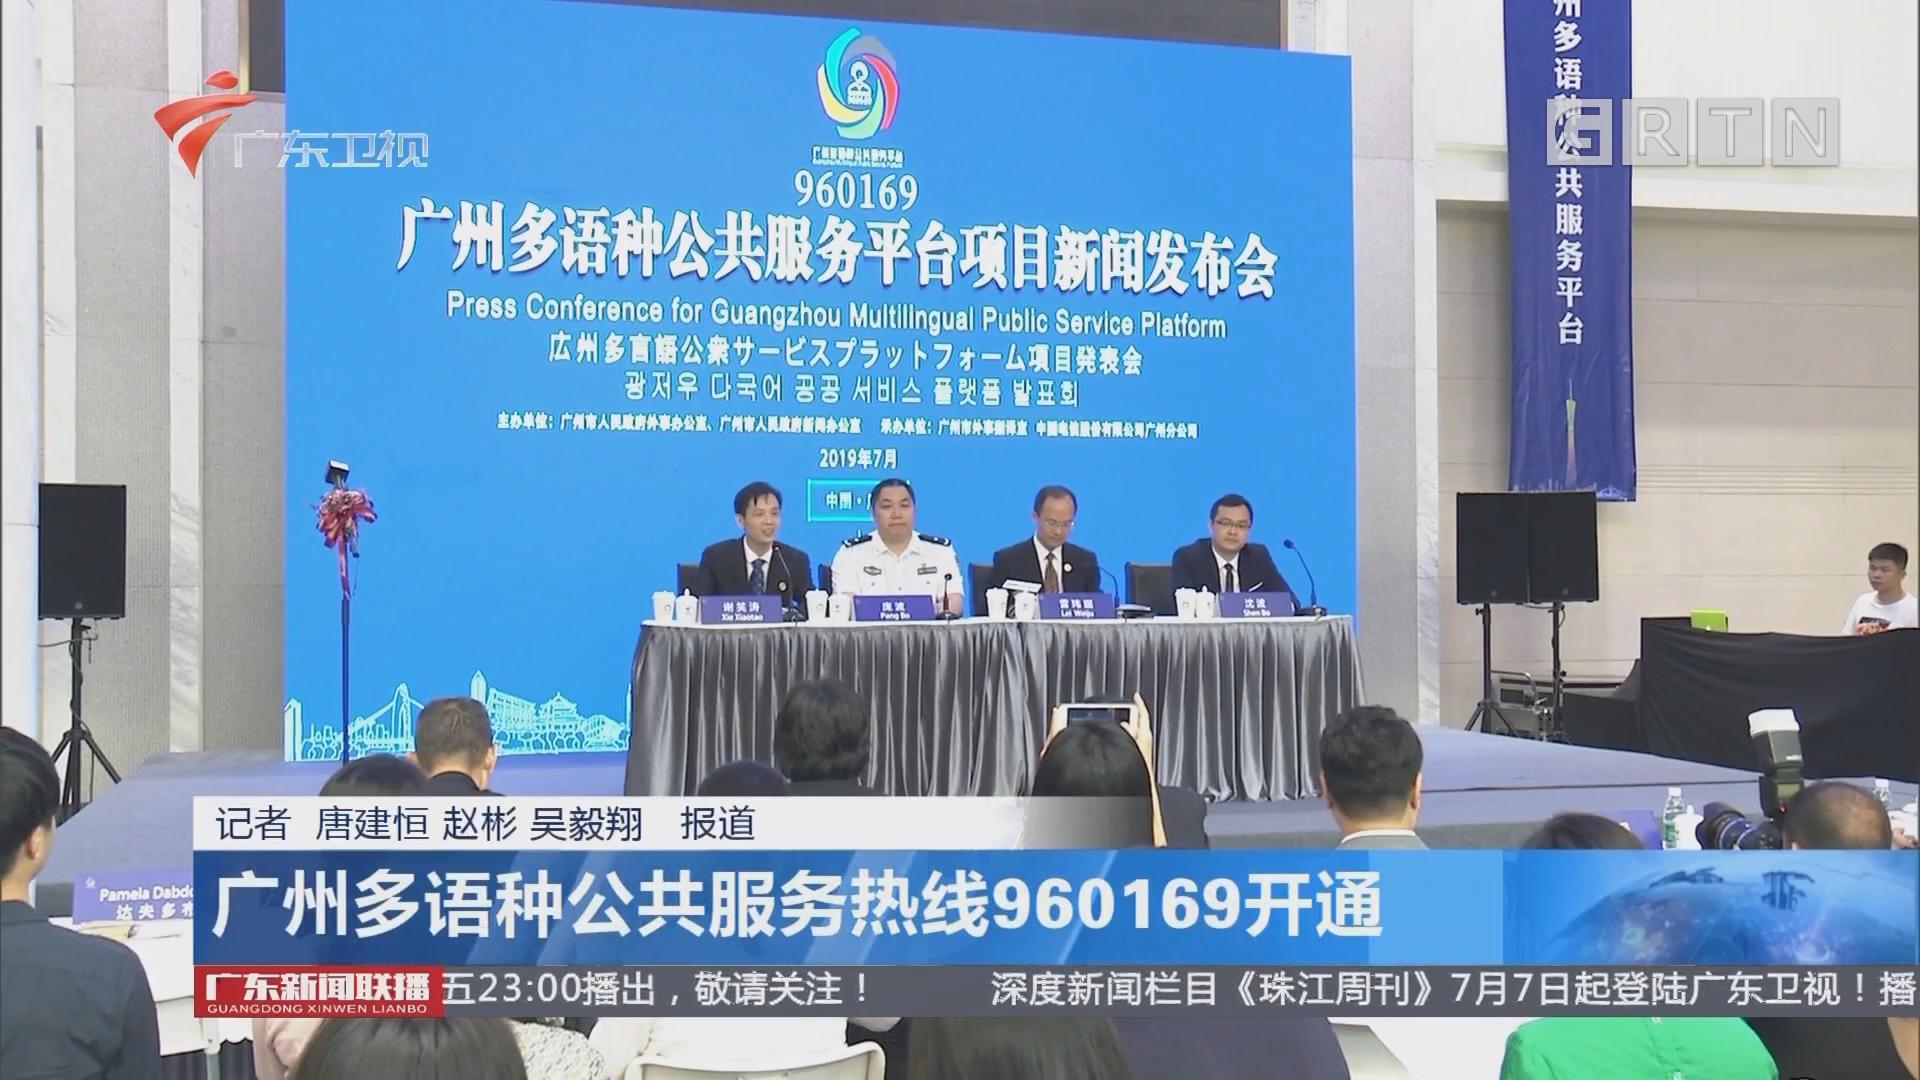 广州多语种公共服务热线960169开通